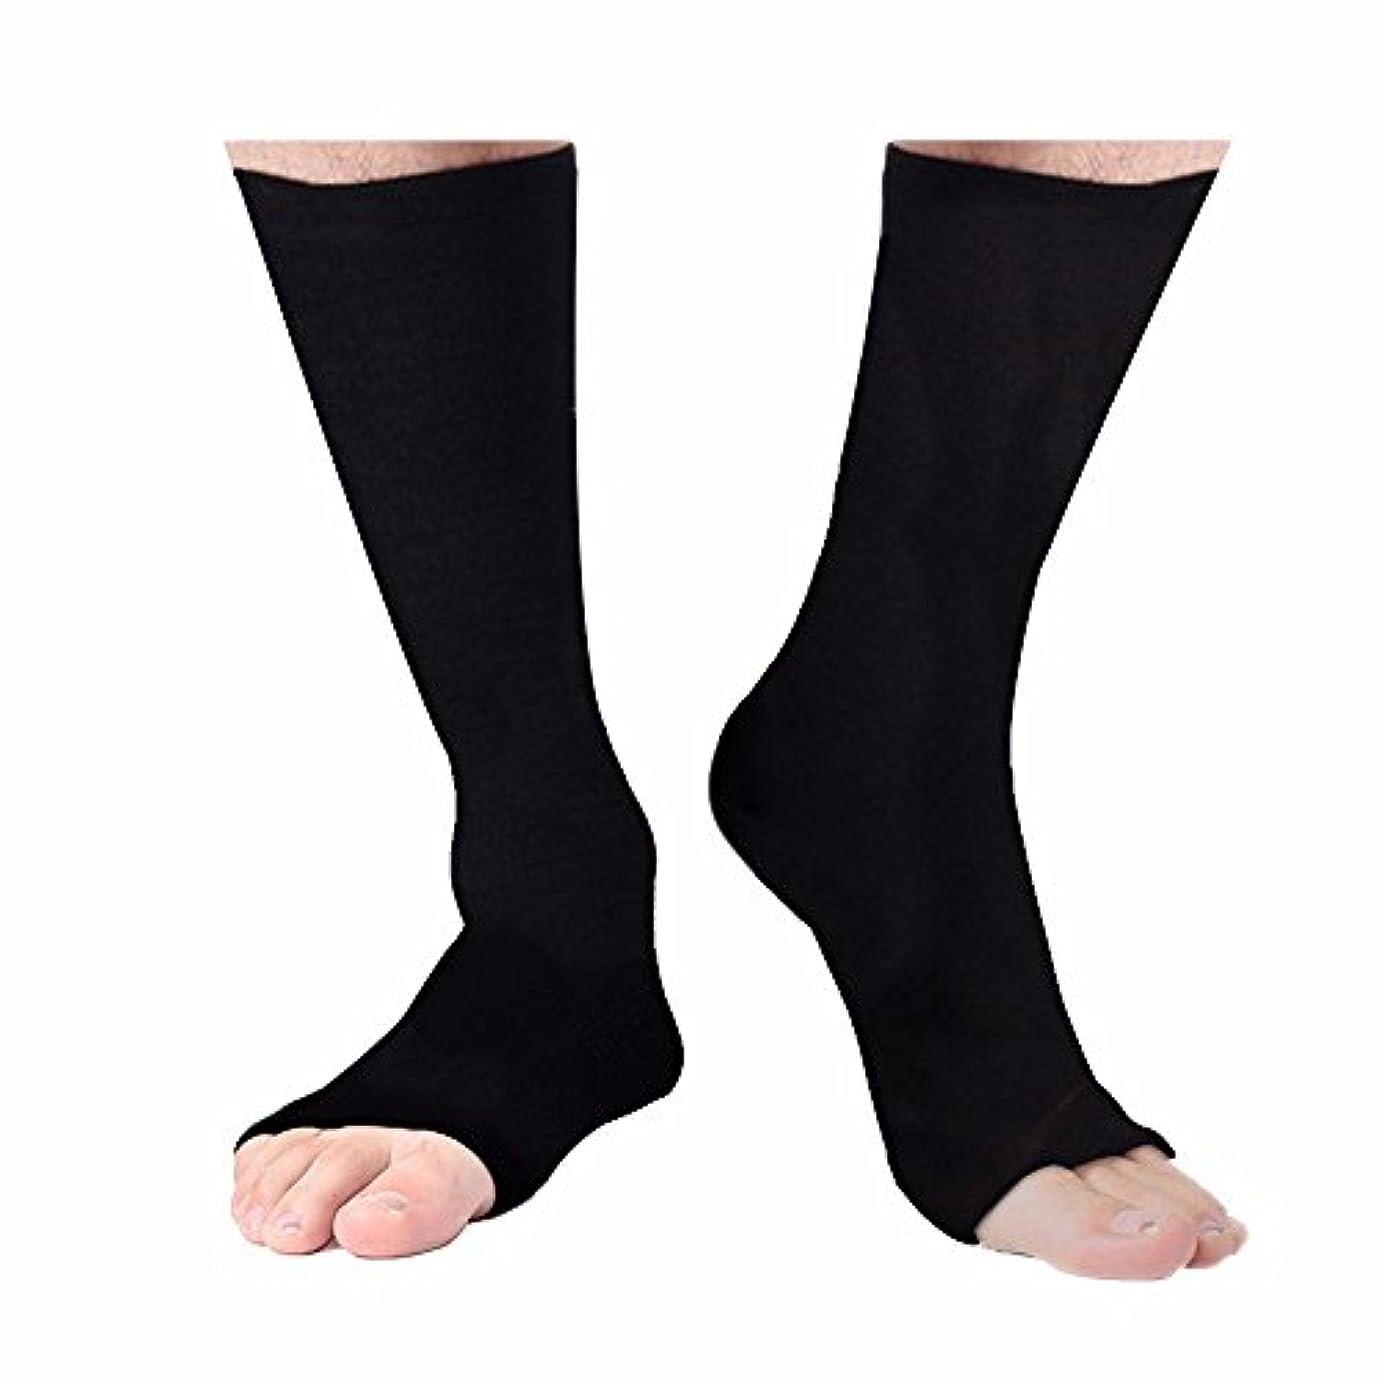 鷲サポートフラスコYartar 着圧ソックス オープントゥ 段階圧力 ハイソックス 膝下 むくみ対策 男女兼用 Open Toe Pressure Socks (ブラック, L:35cm)